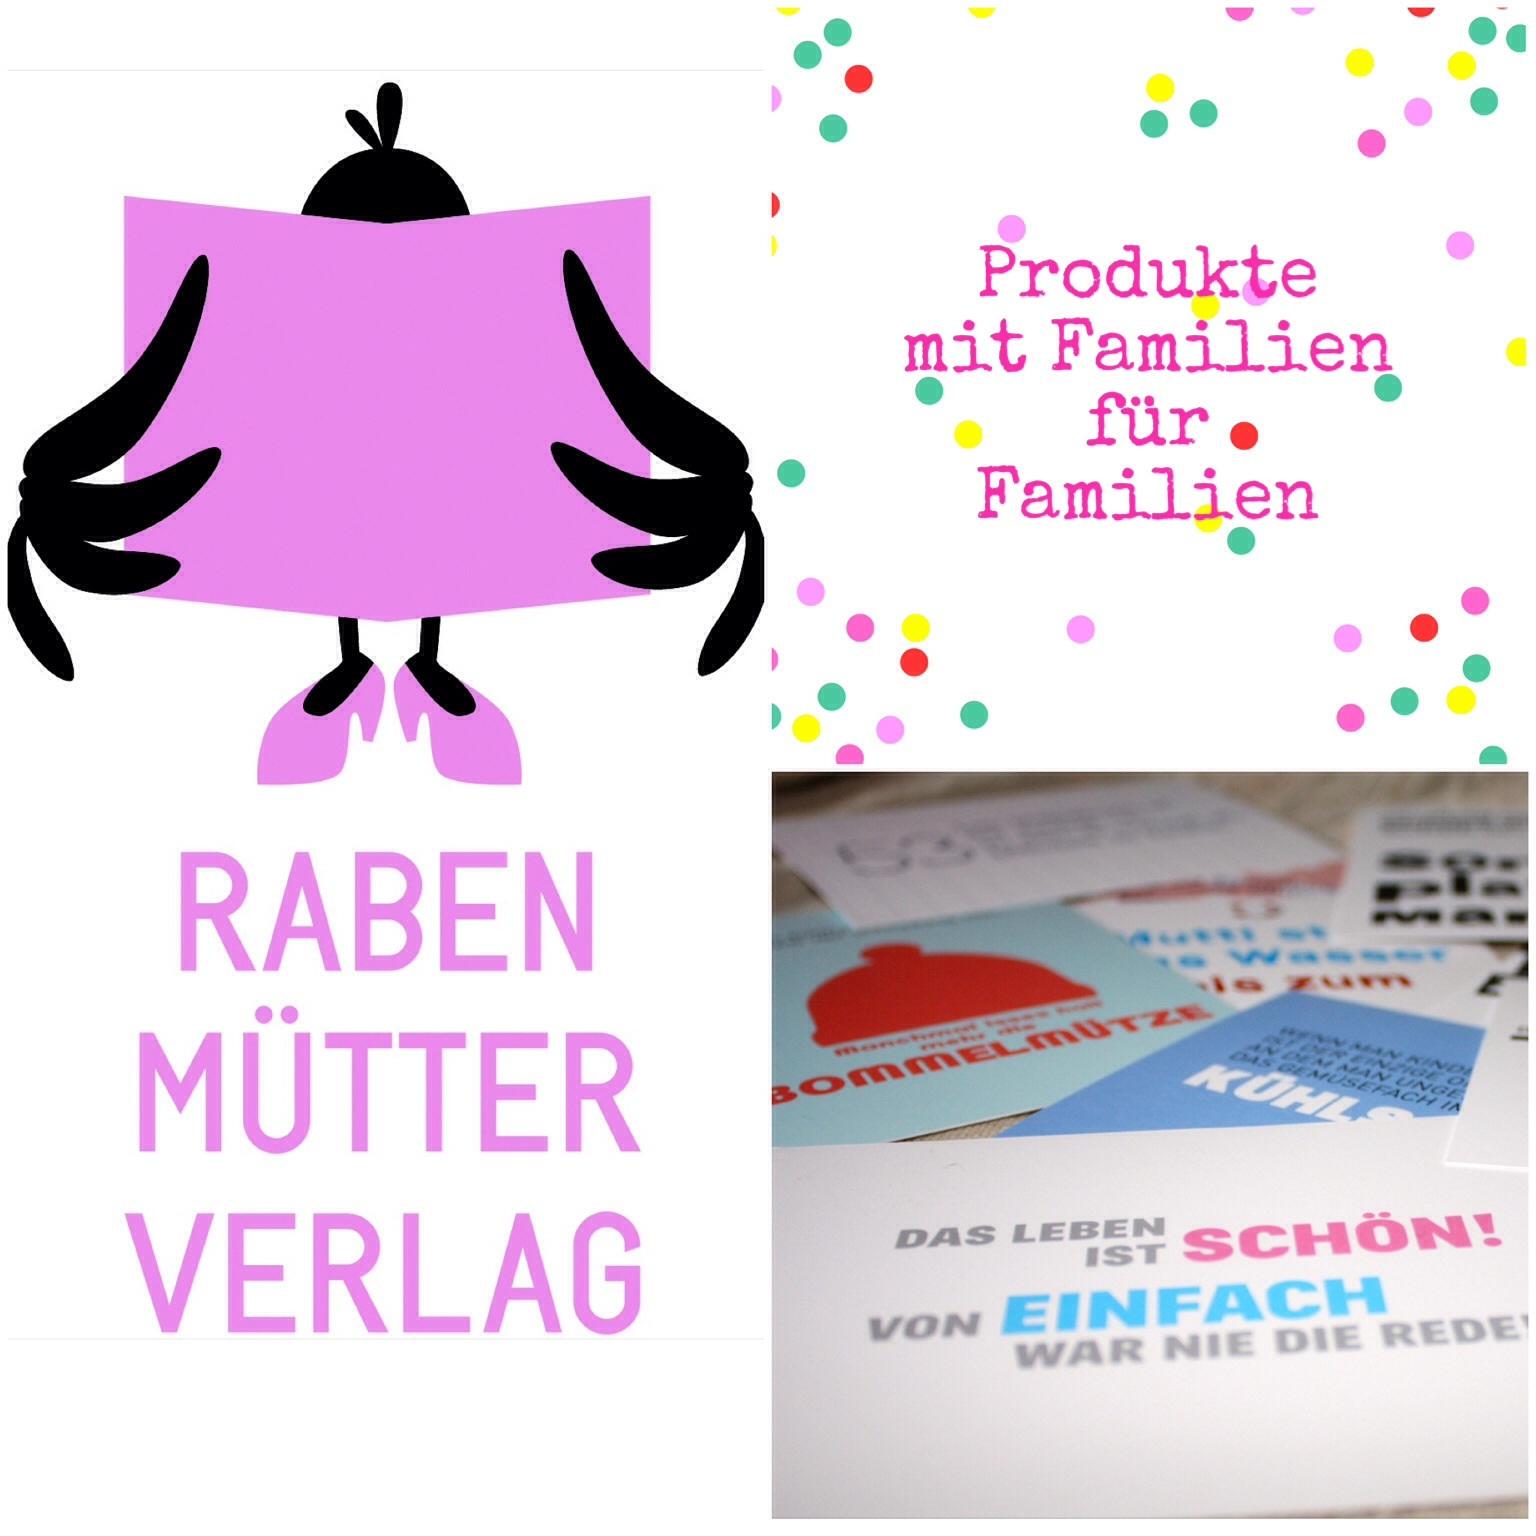 Rabenmuetter-Verlag